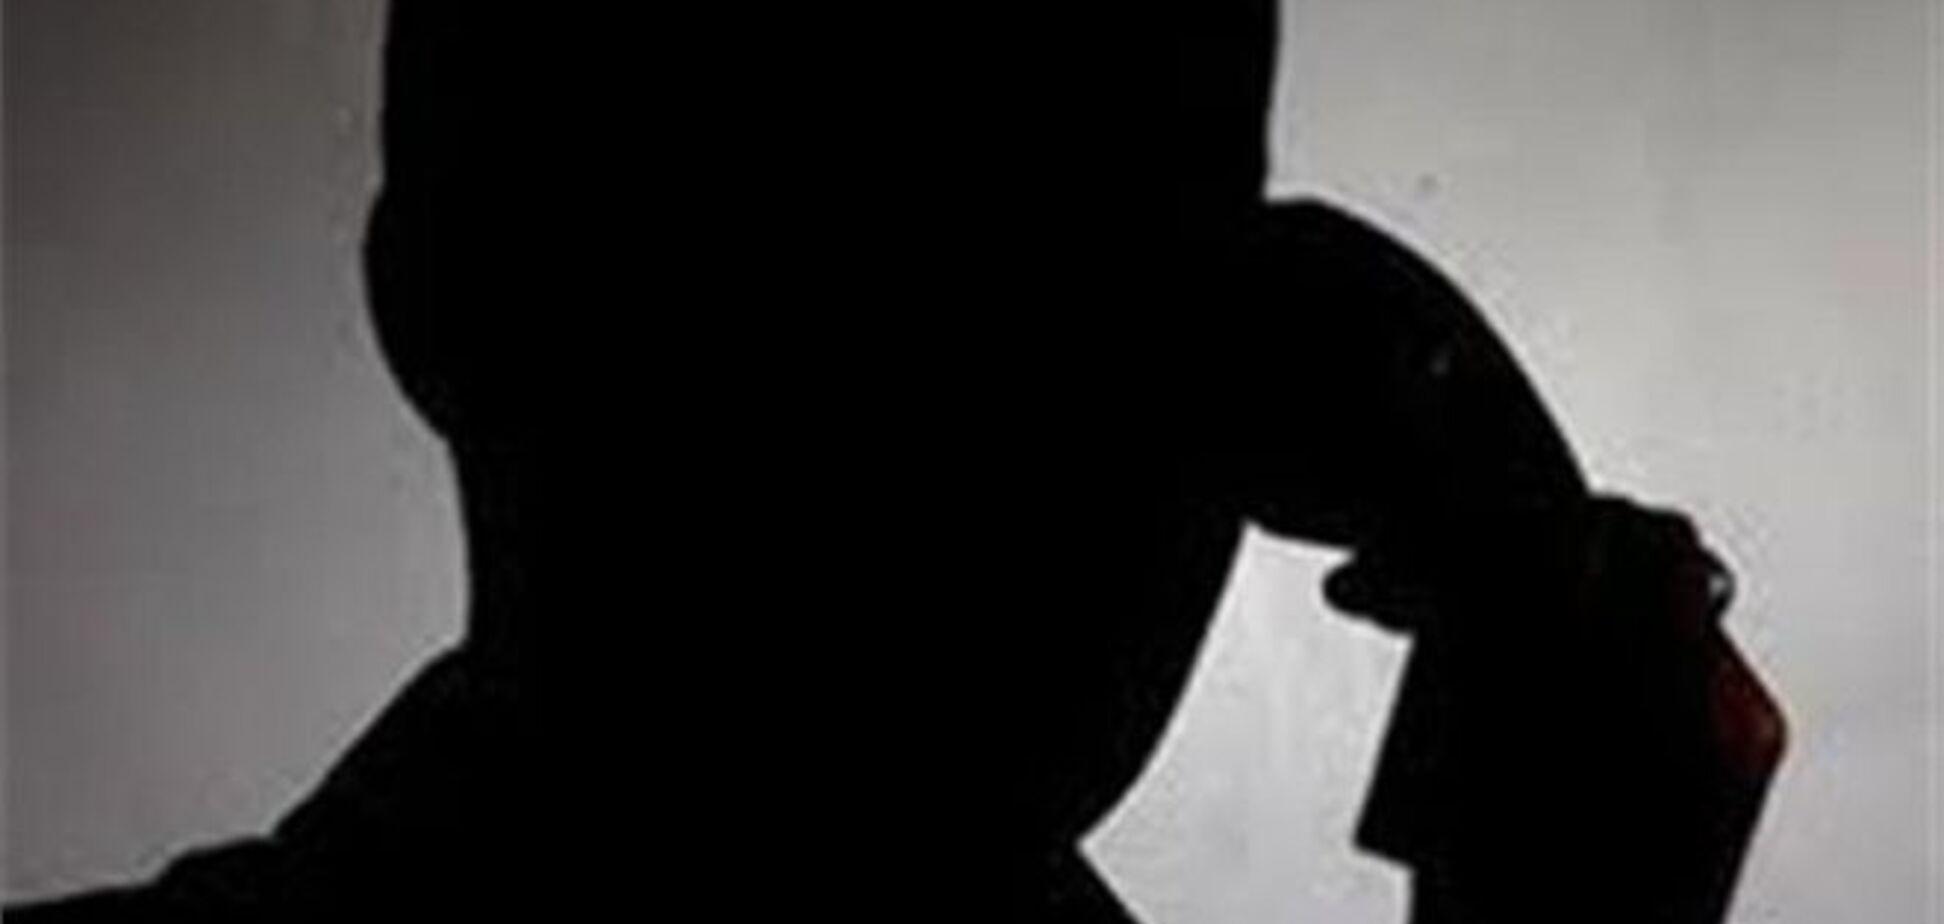 В Ужгороді шахрай під виглядом міліціонера виманив у пенсіонерки 8 тис. гривень